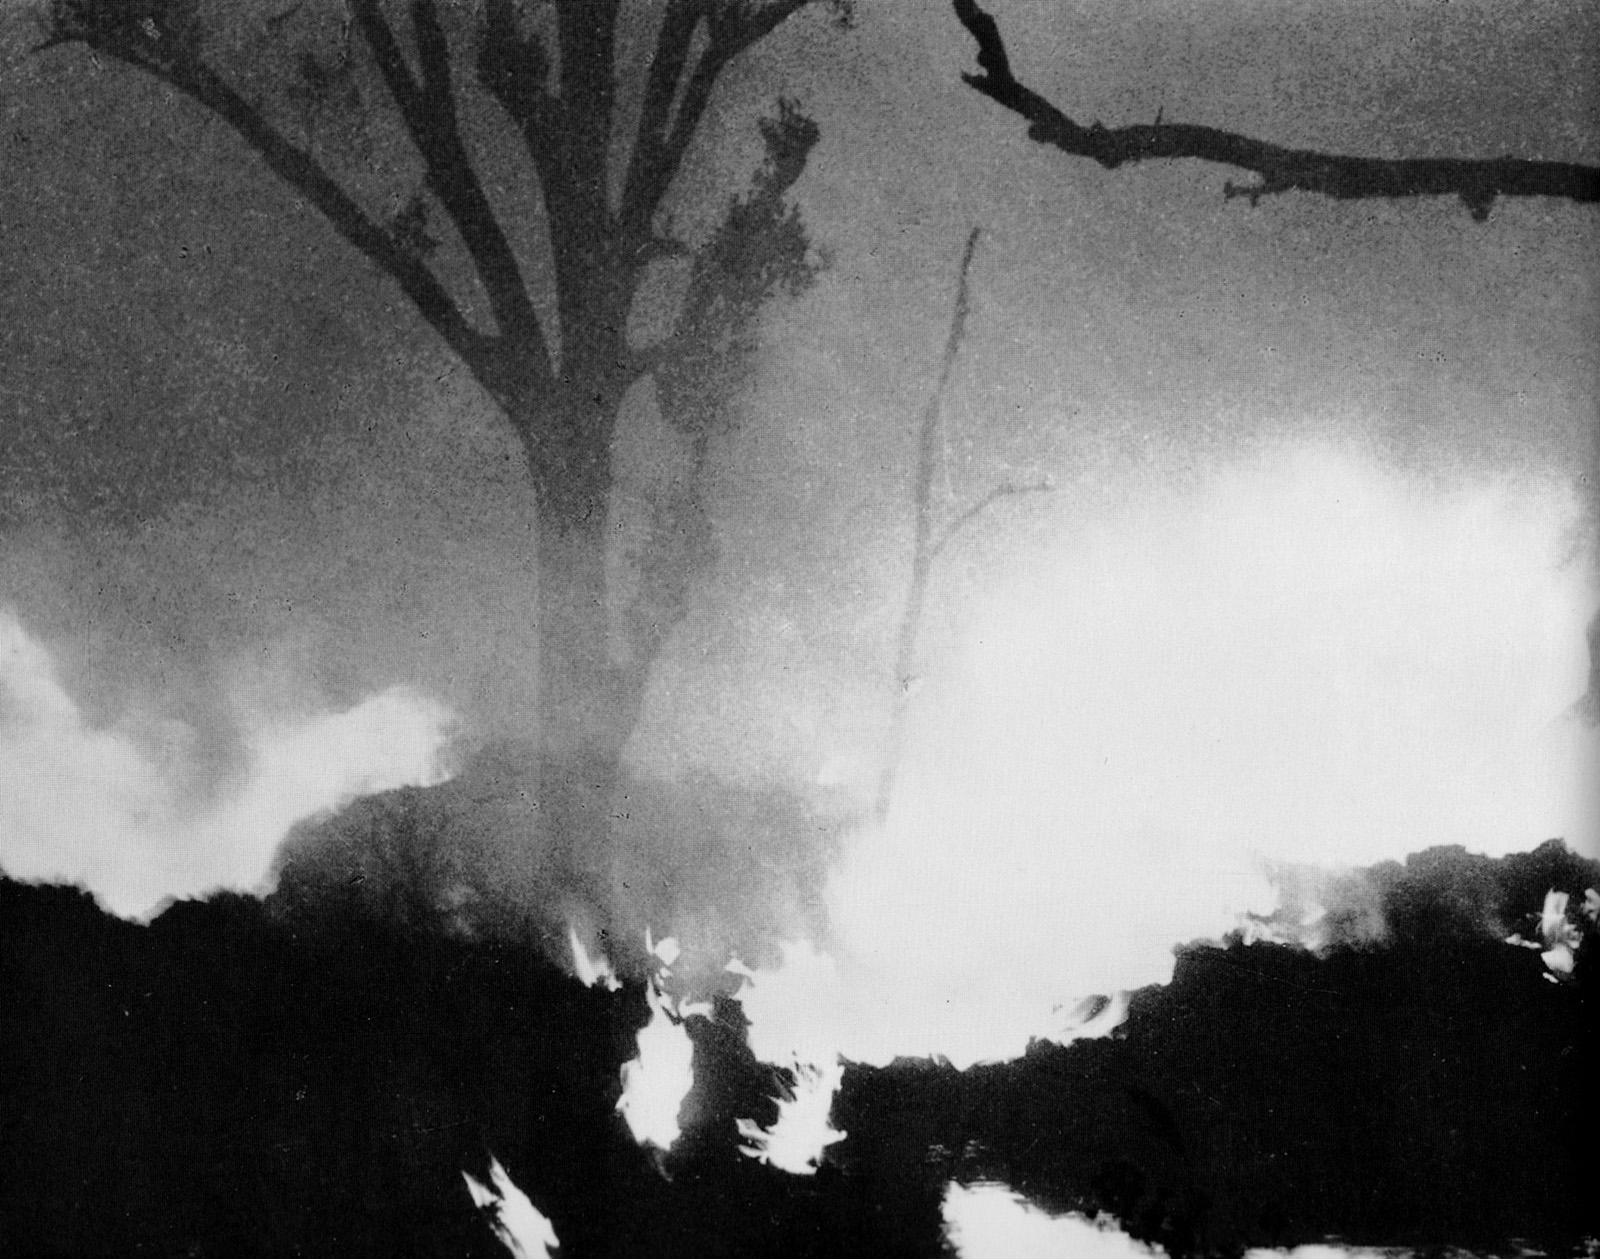 1967_napalm_on_hcm_trail_quang_binh_province.jpg